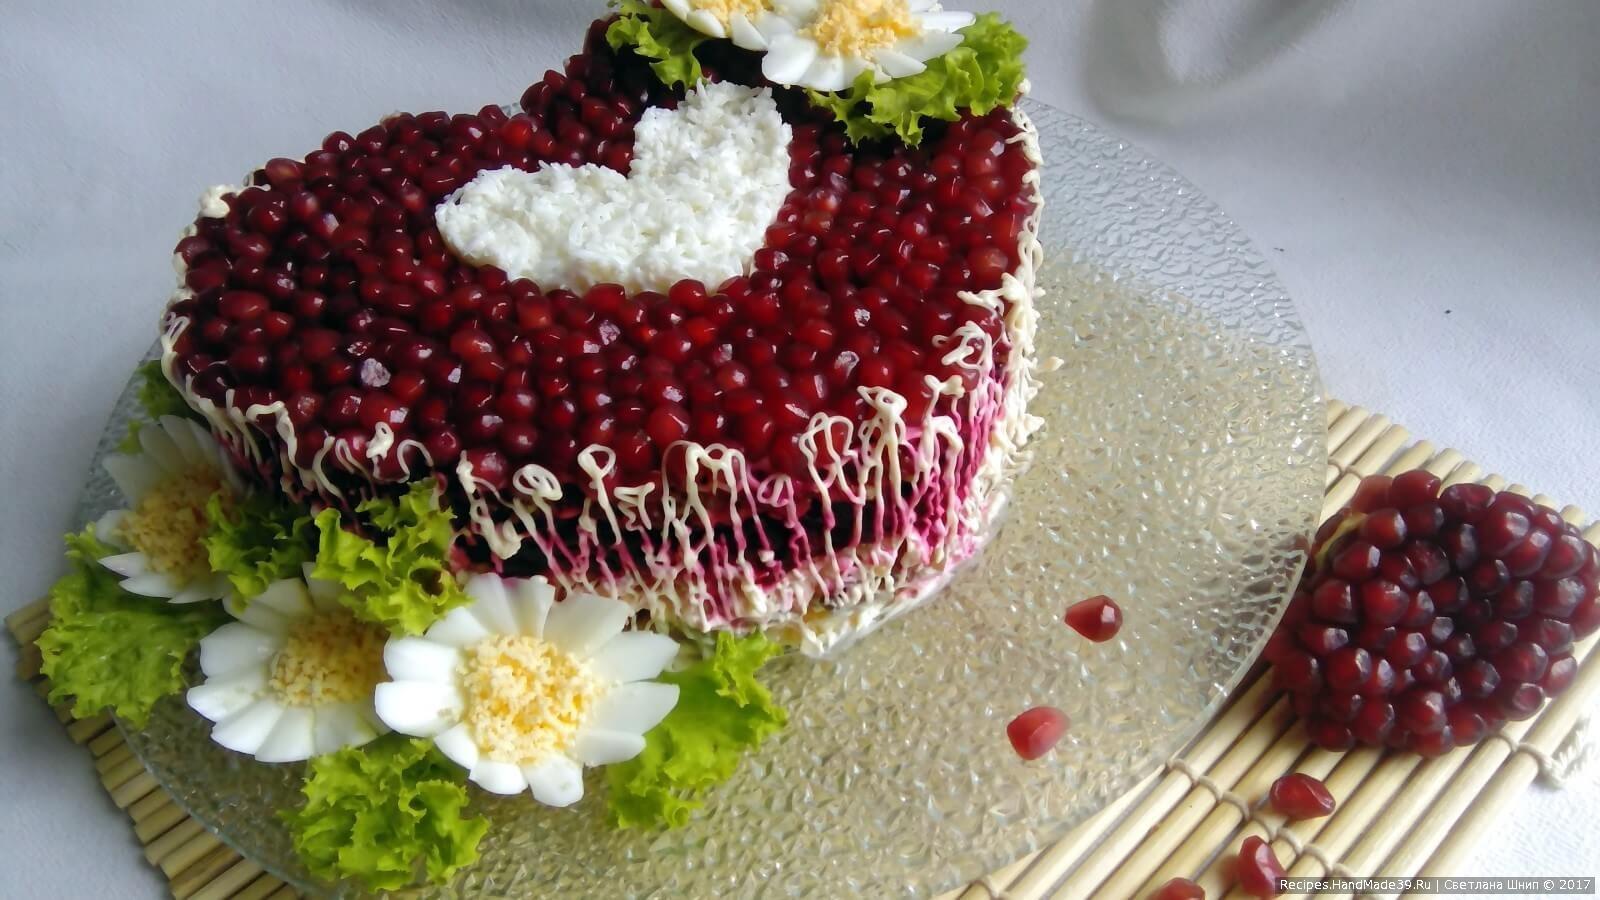 Салат «Гранатовое сердце» – фото шаг 21. Вырезать цветочки из варёного яйца. Дополнительно использовать листья салата. Салат «Гранатовое сердце» с курицей и грибами готов, приятного аппетита!